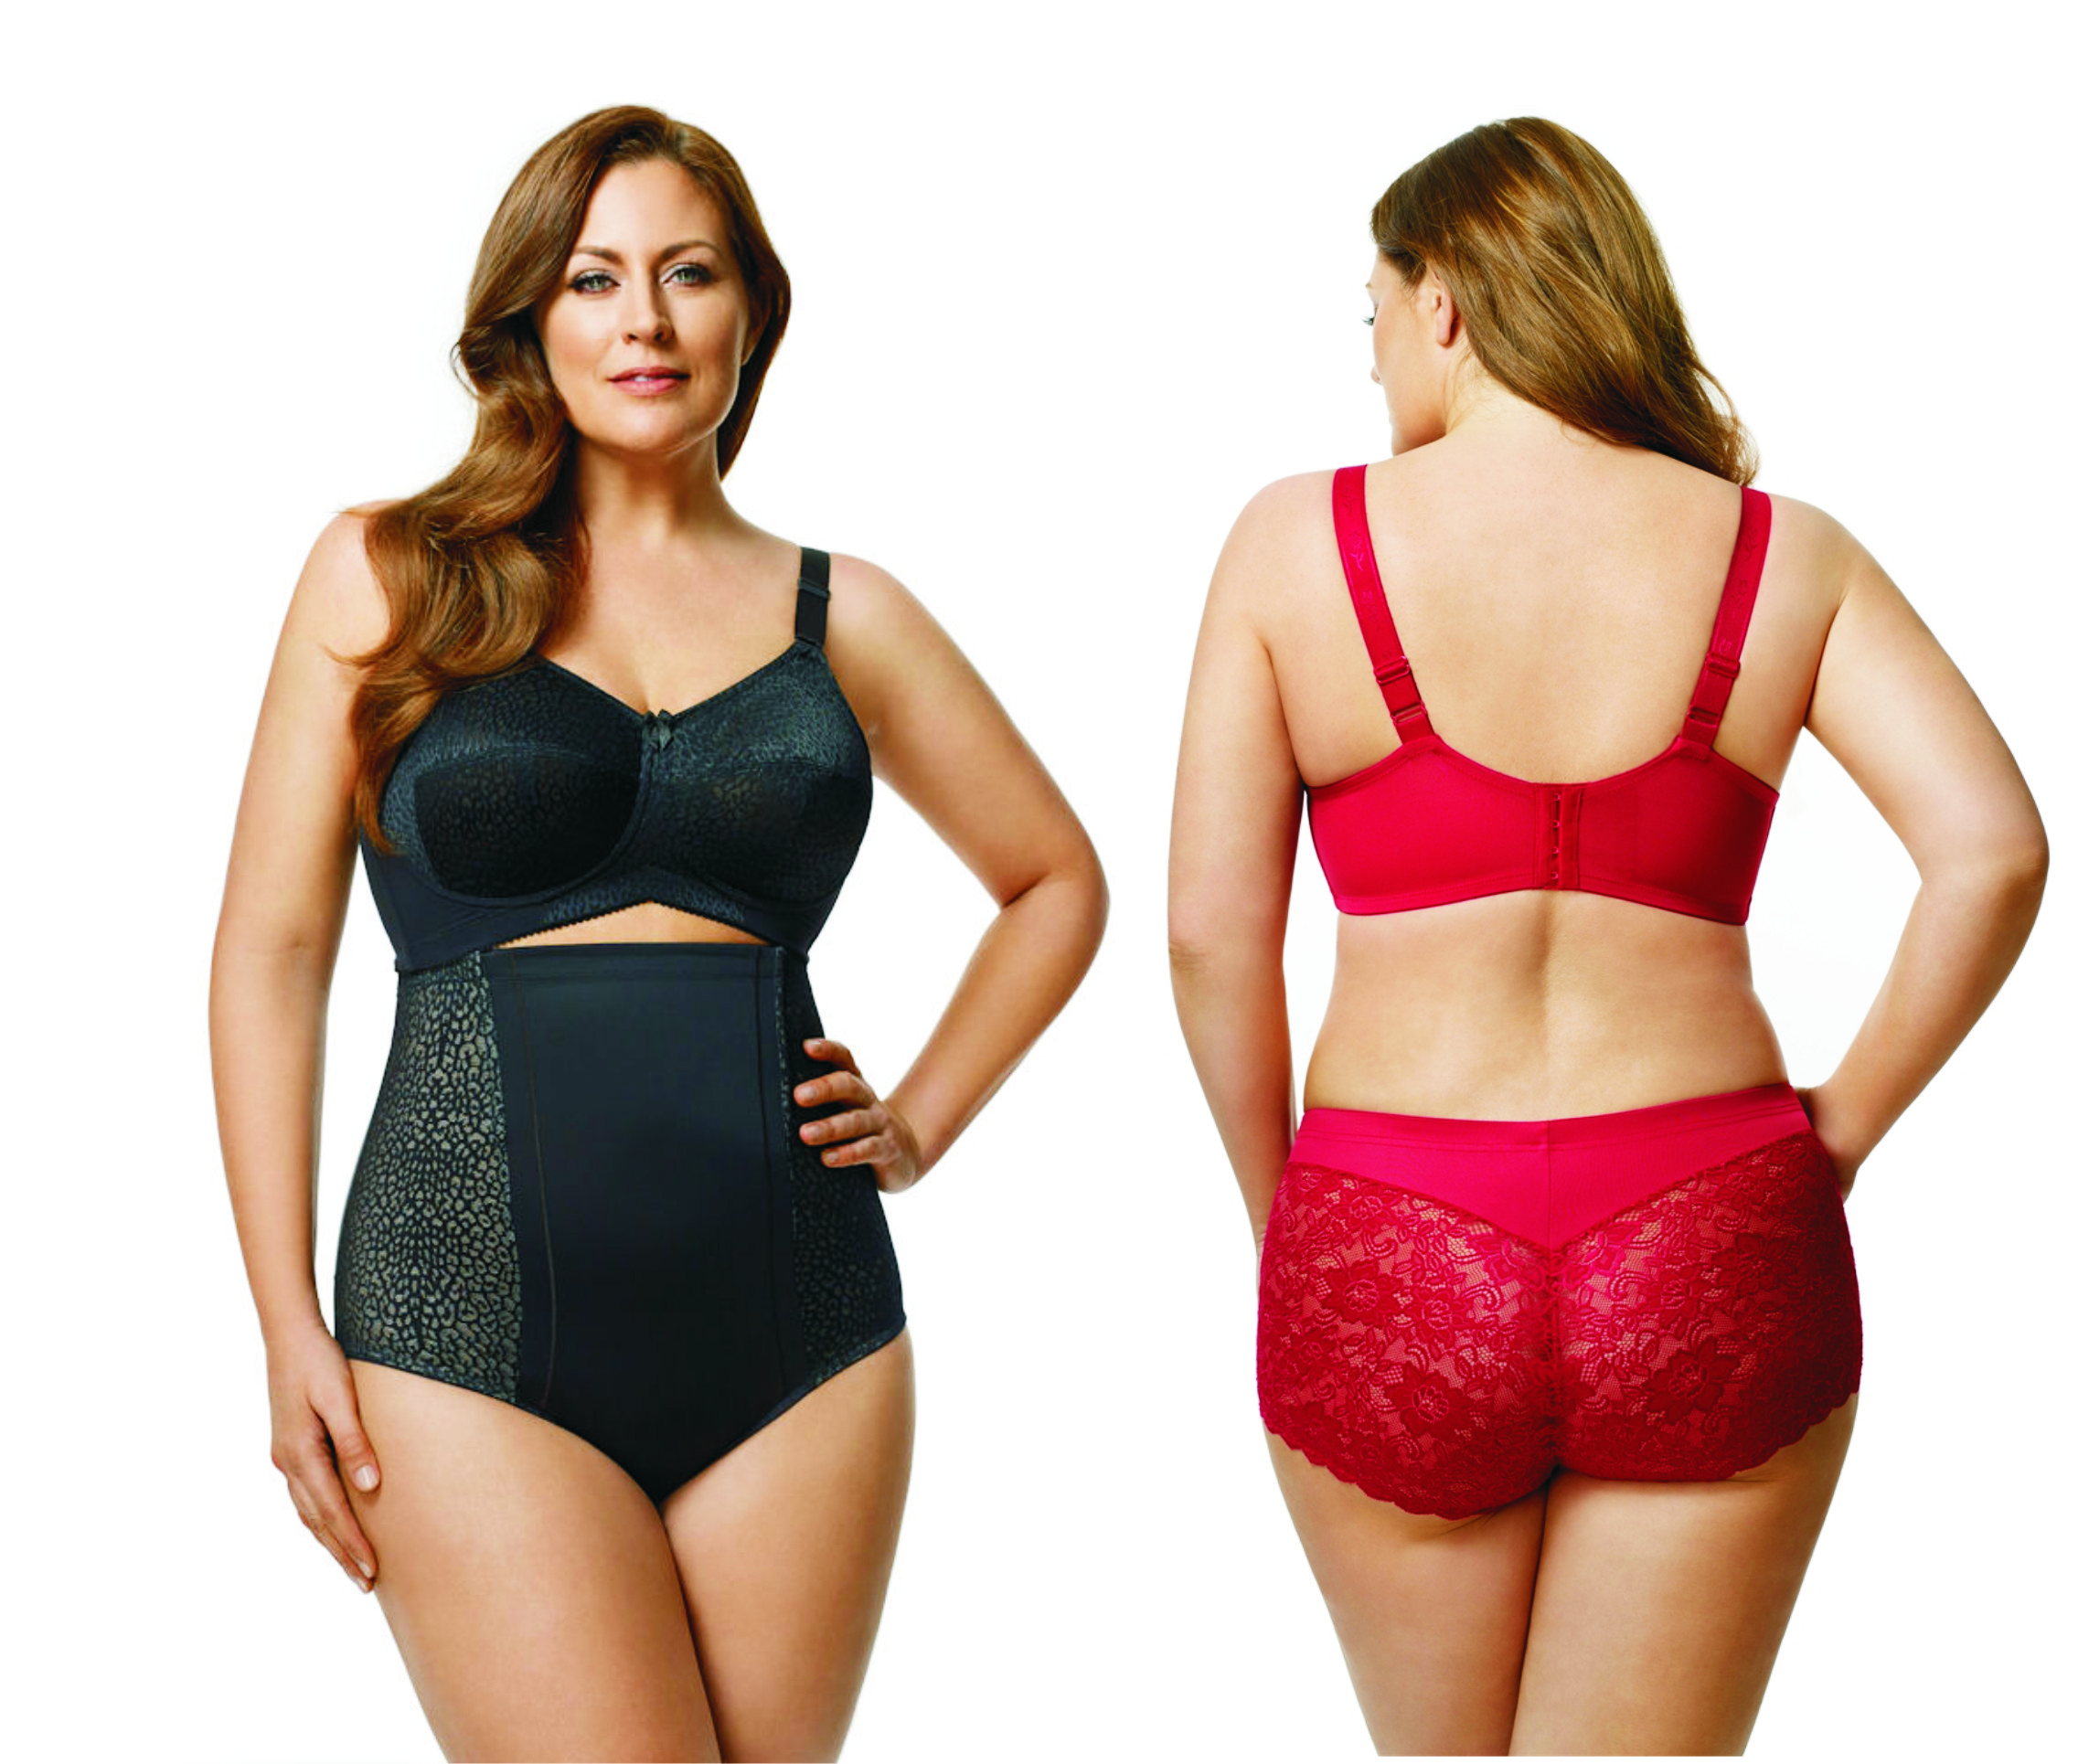 plus size underwear plus size women in underwear bf4hqhea huqdbvt